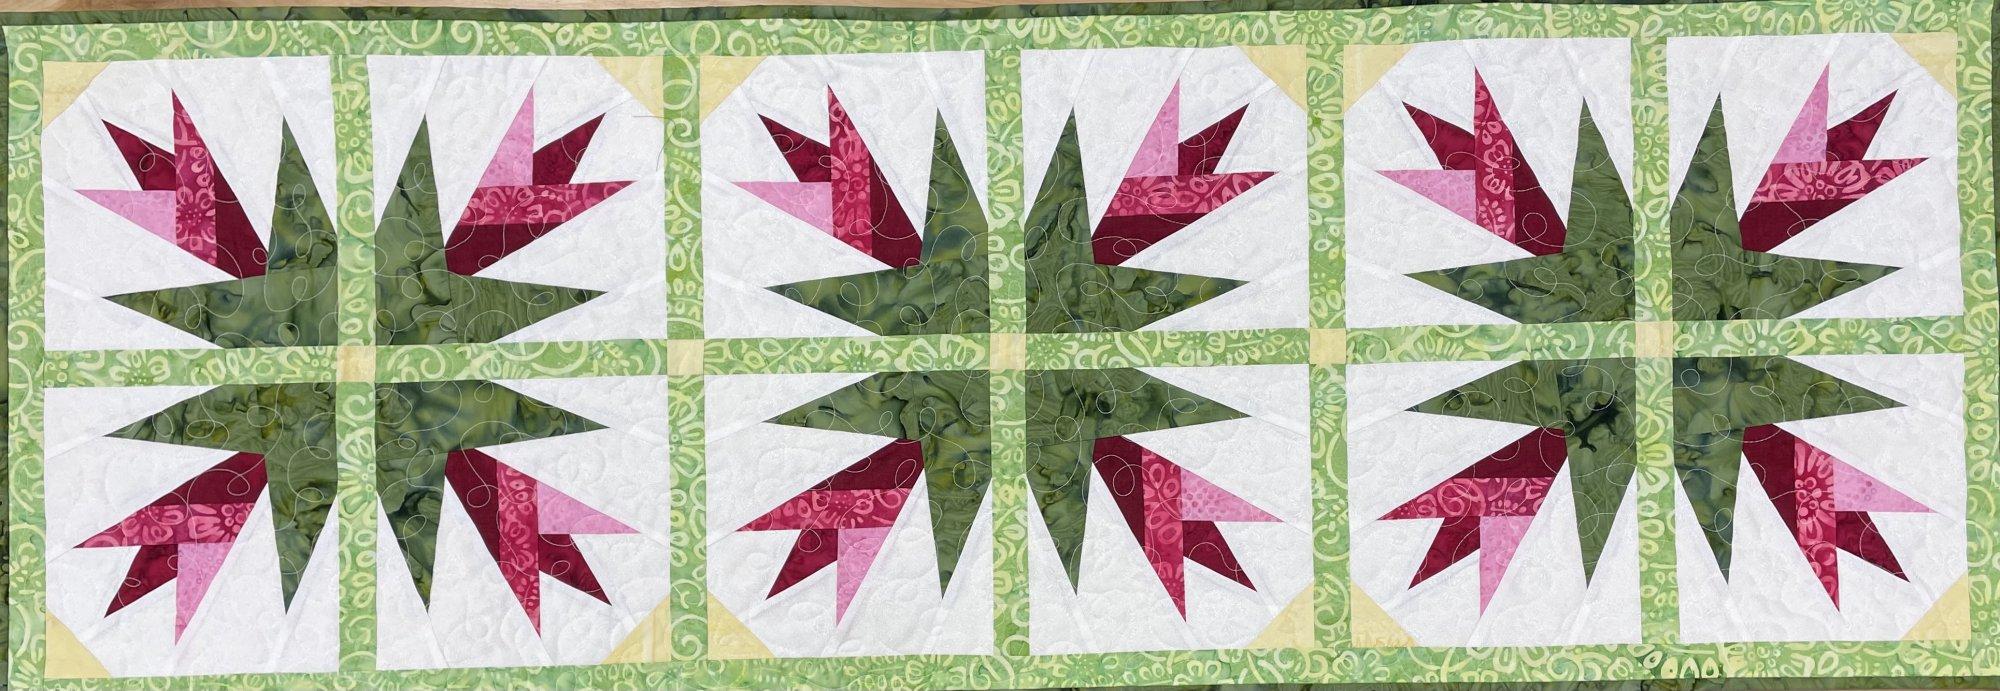 Tulip Table Runner Kit 19 x 55